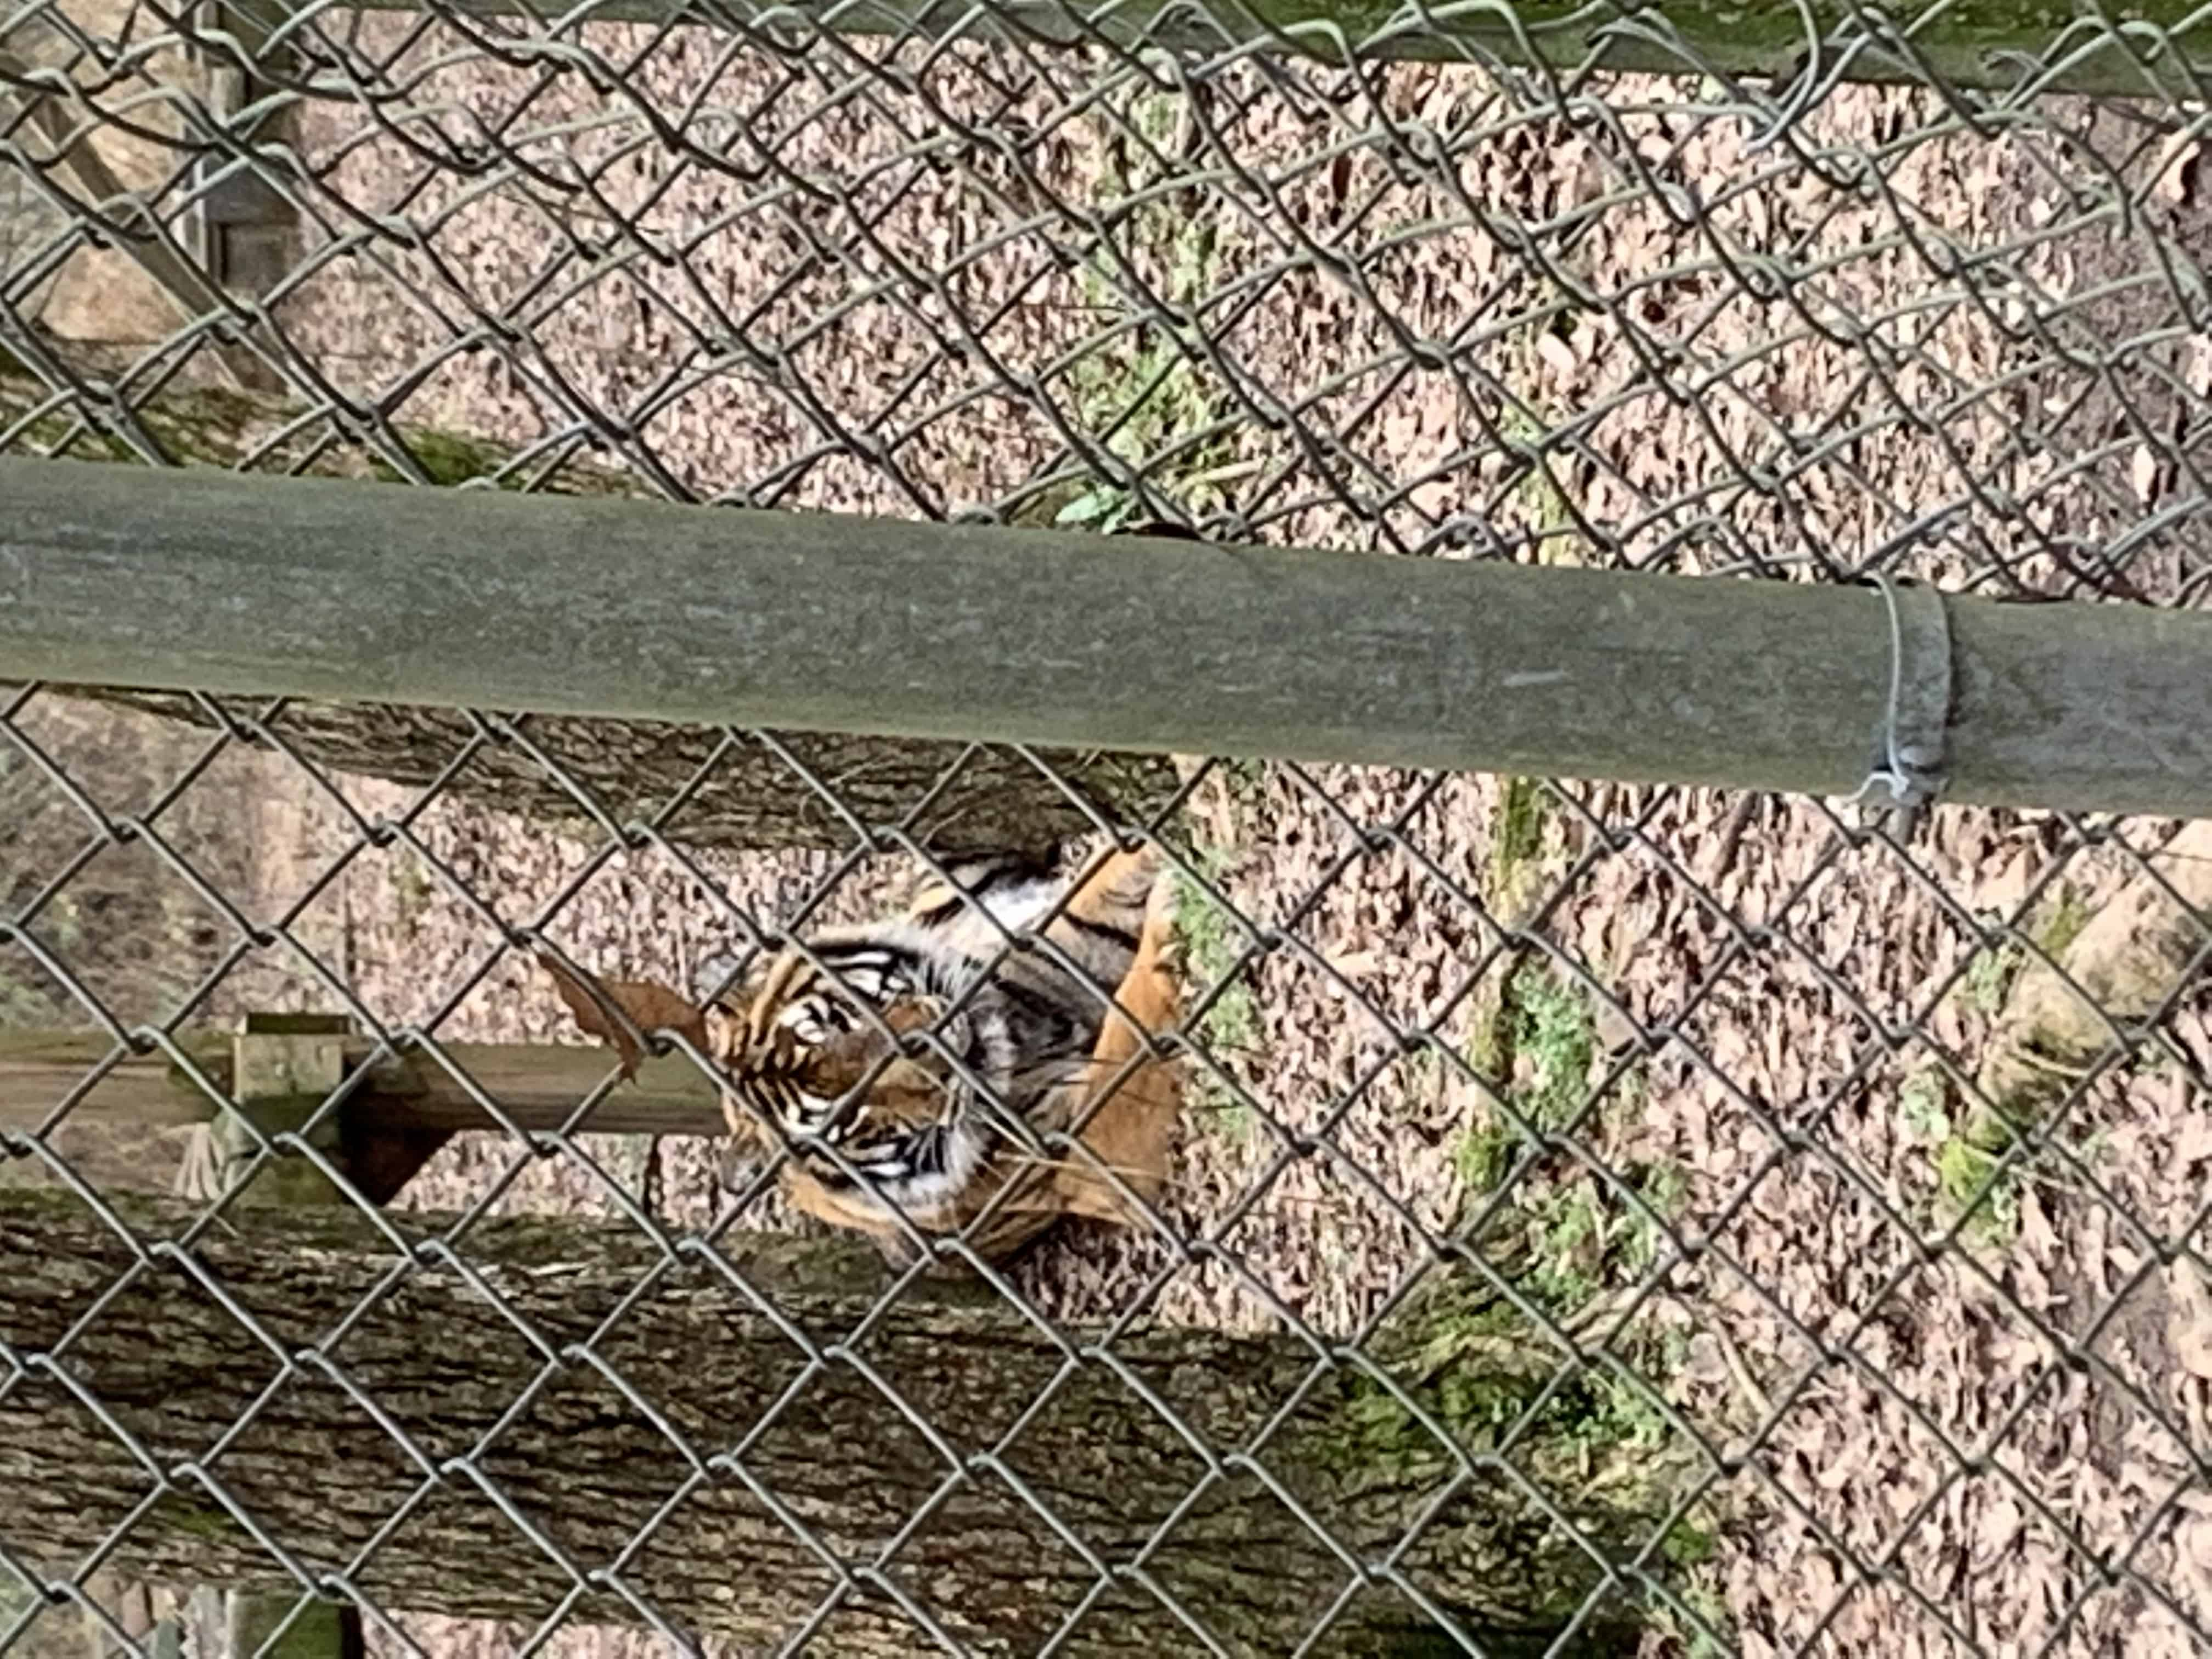 tiger facing the camera